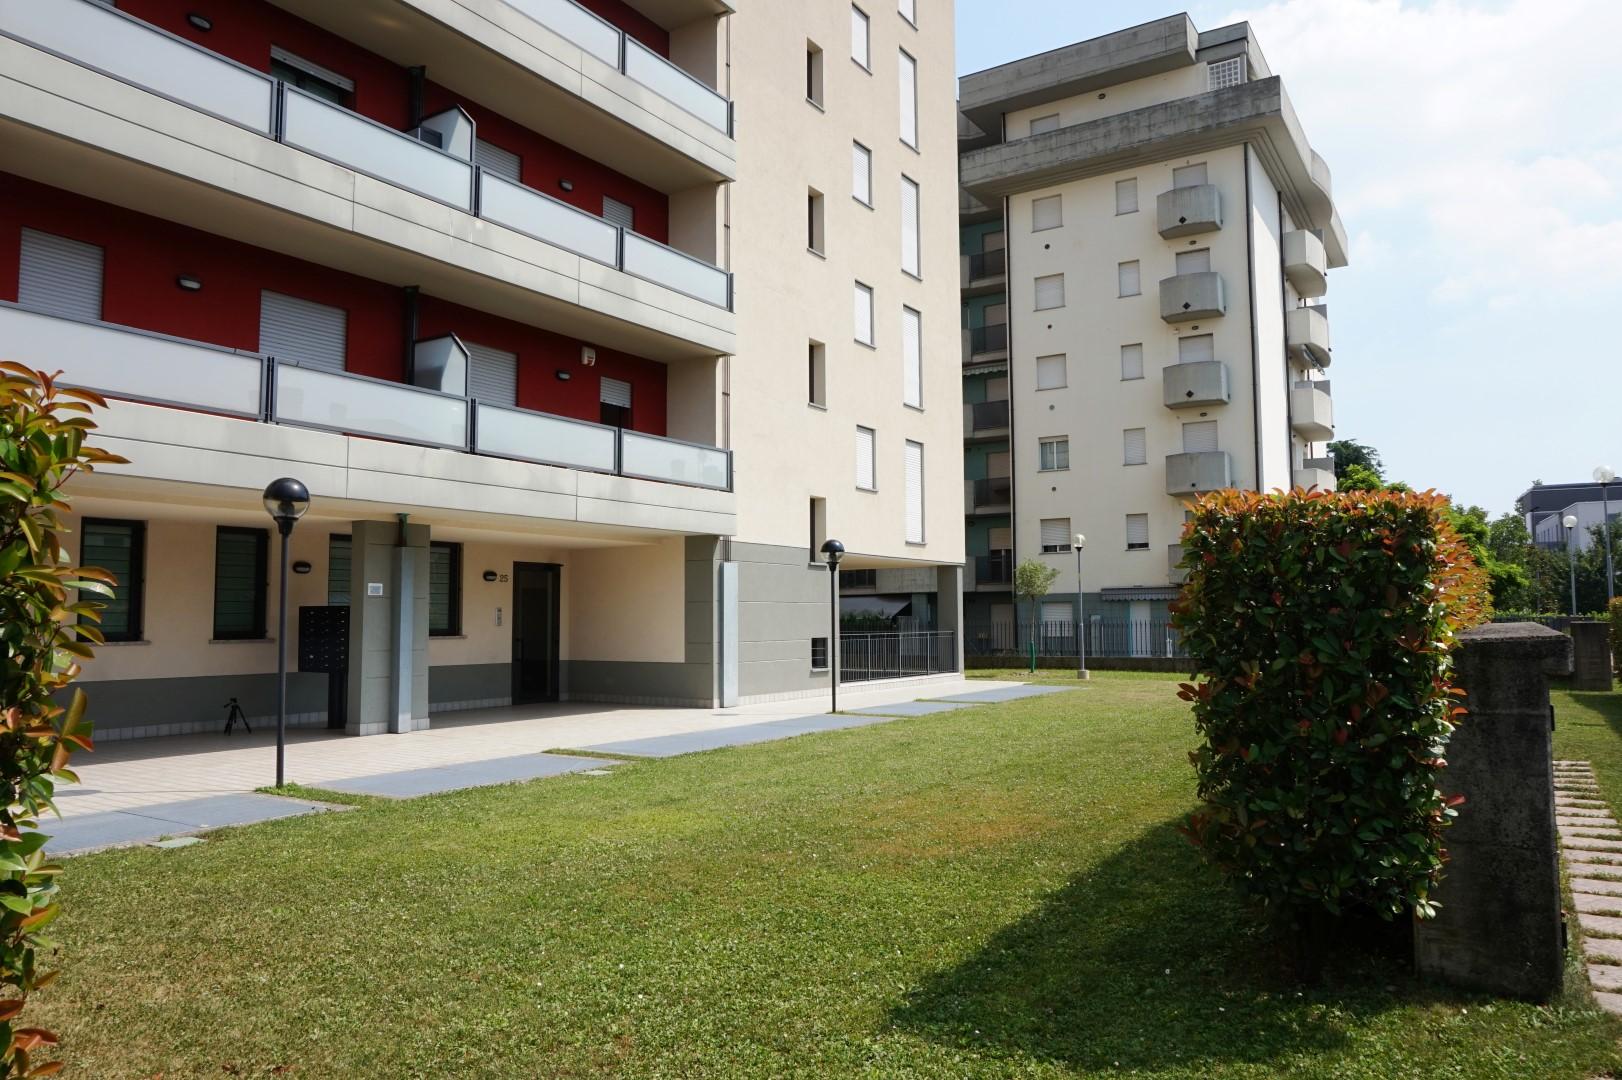 Appartamento in affitto a Dalmine zona università